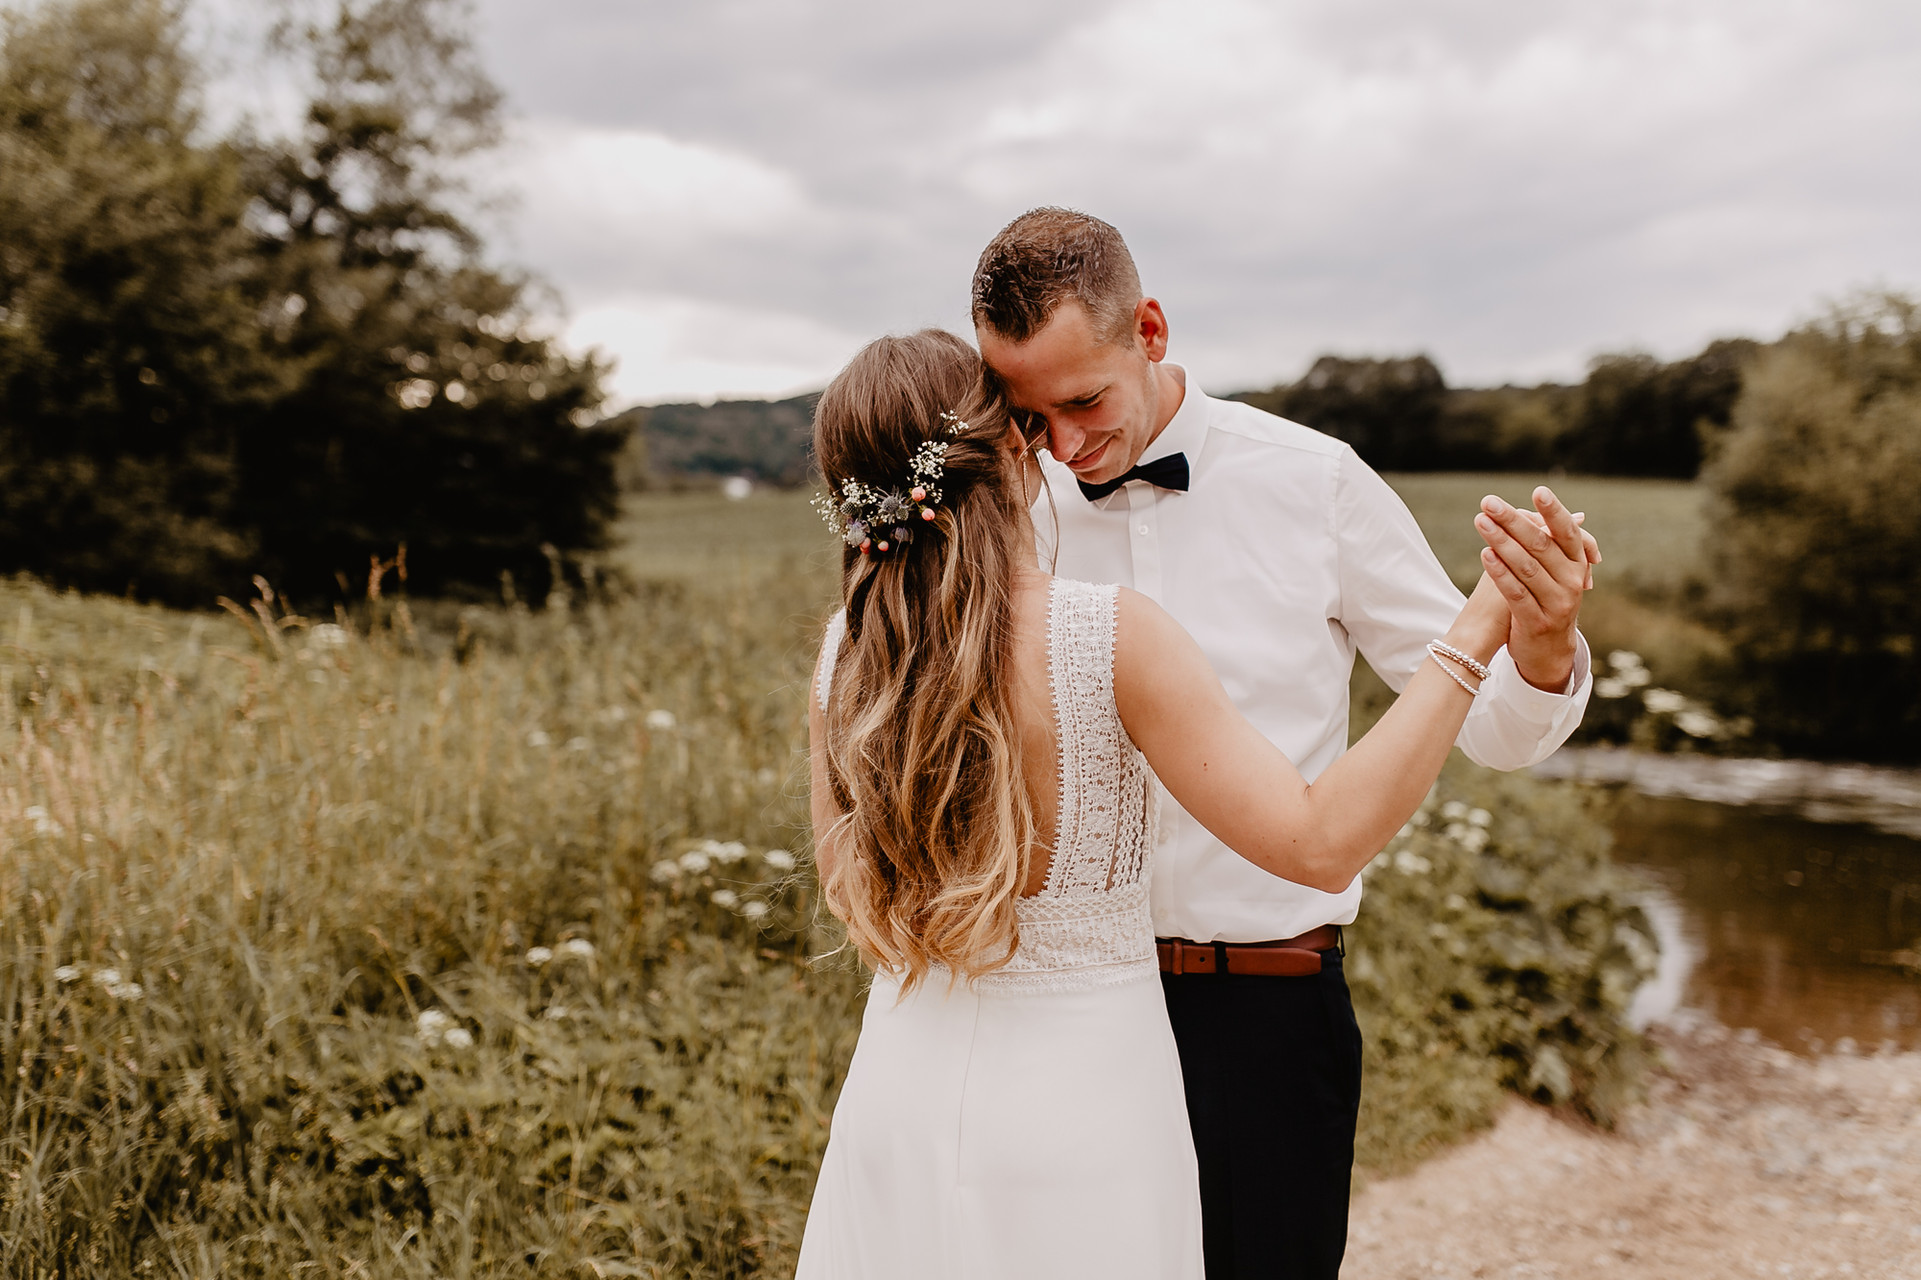 Hochzeit_Insul_Keulers_Lichtliebe_47.JPG